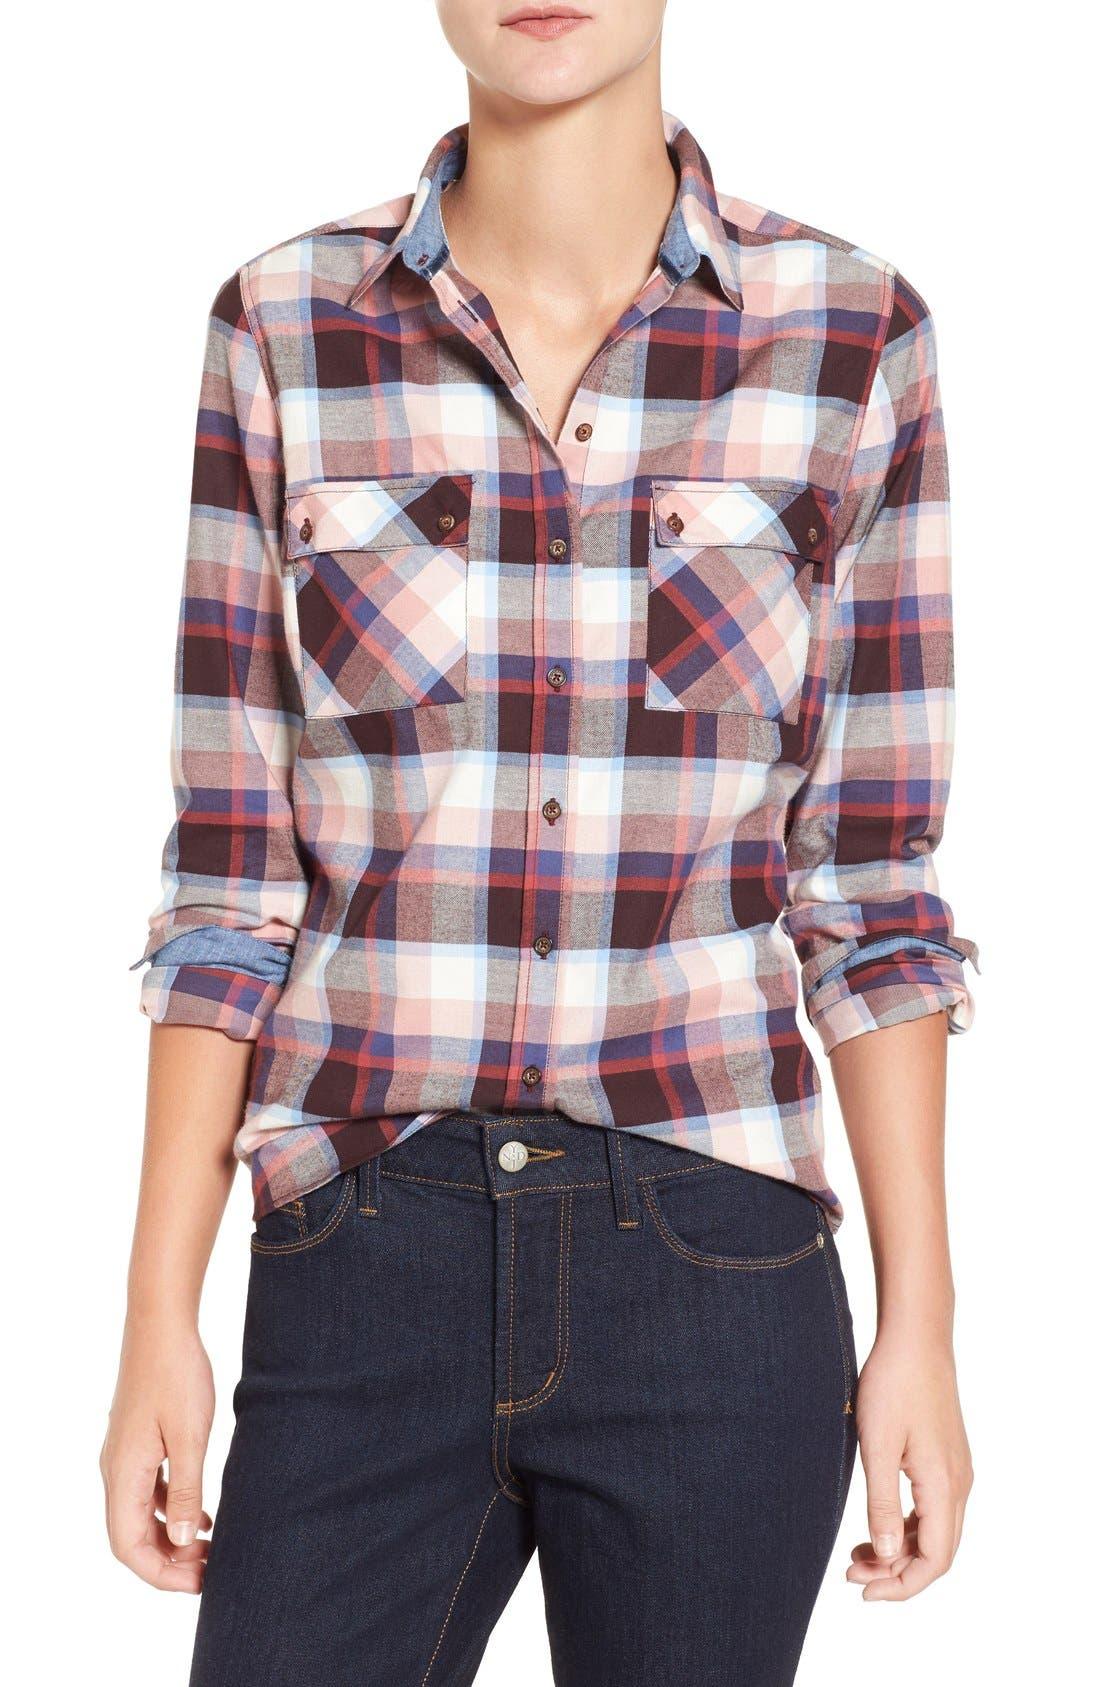 'Darwen' Plaid Shirt,                             Main thumbnail 1, color,                             Pink Check